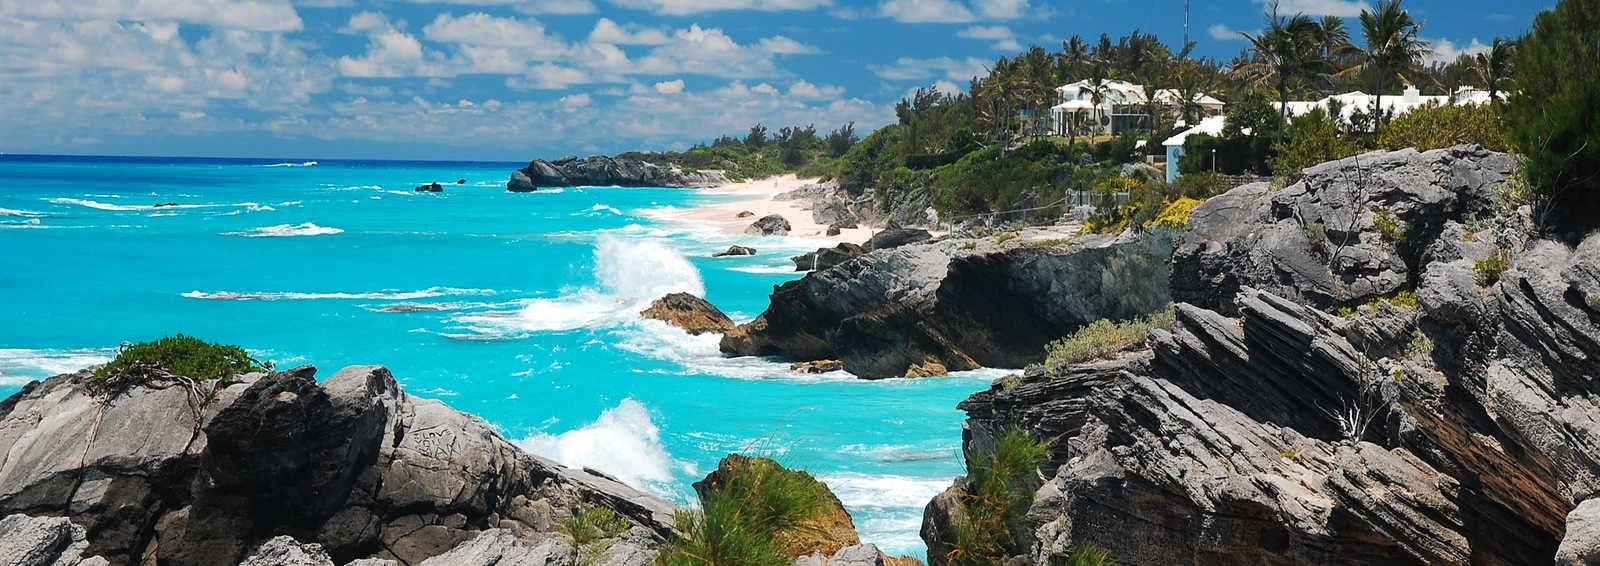 Bermuda TripsHolidaysTours exodus Bermuda TripsHolidaysTours exodus Bermuda yN8wOvmn0